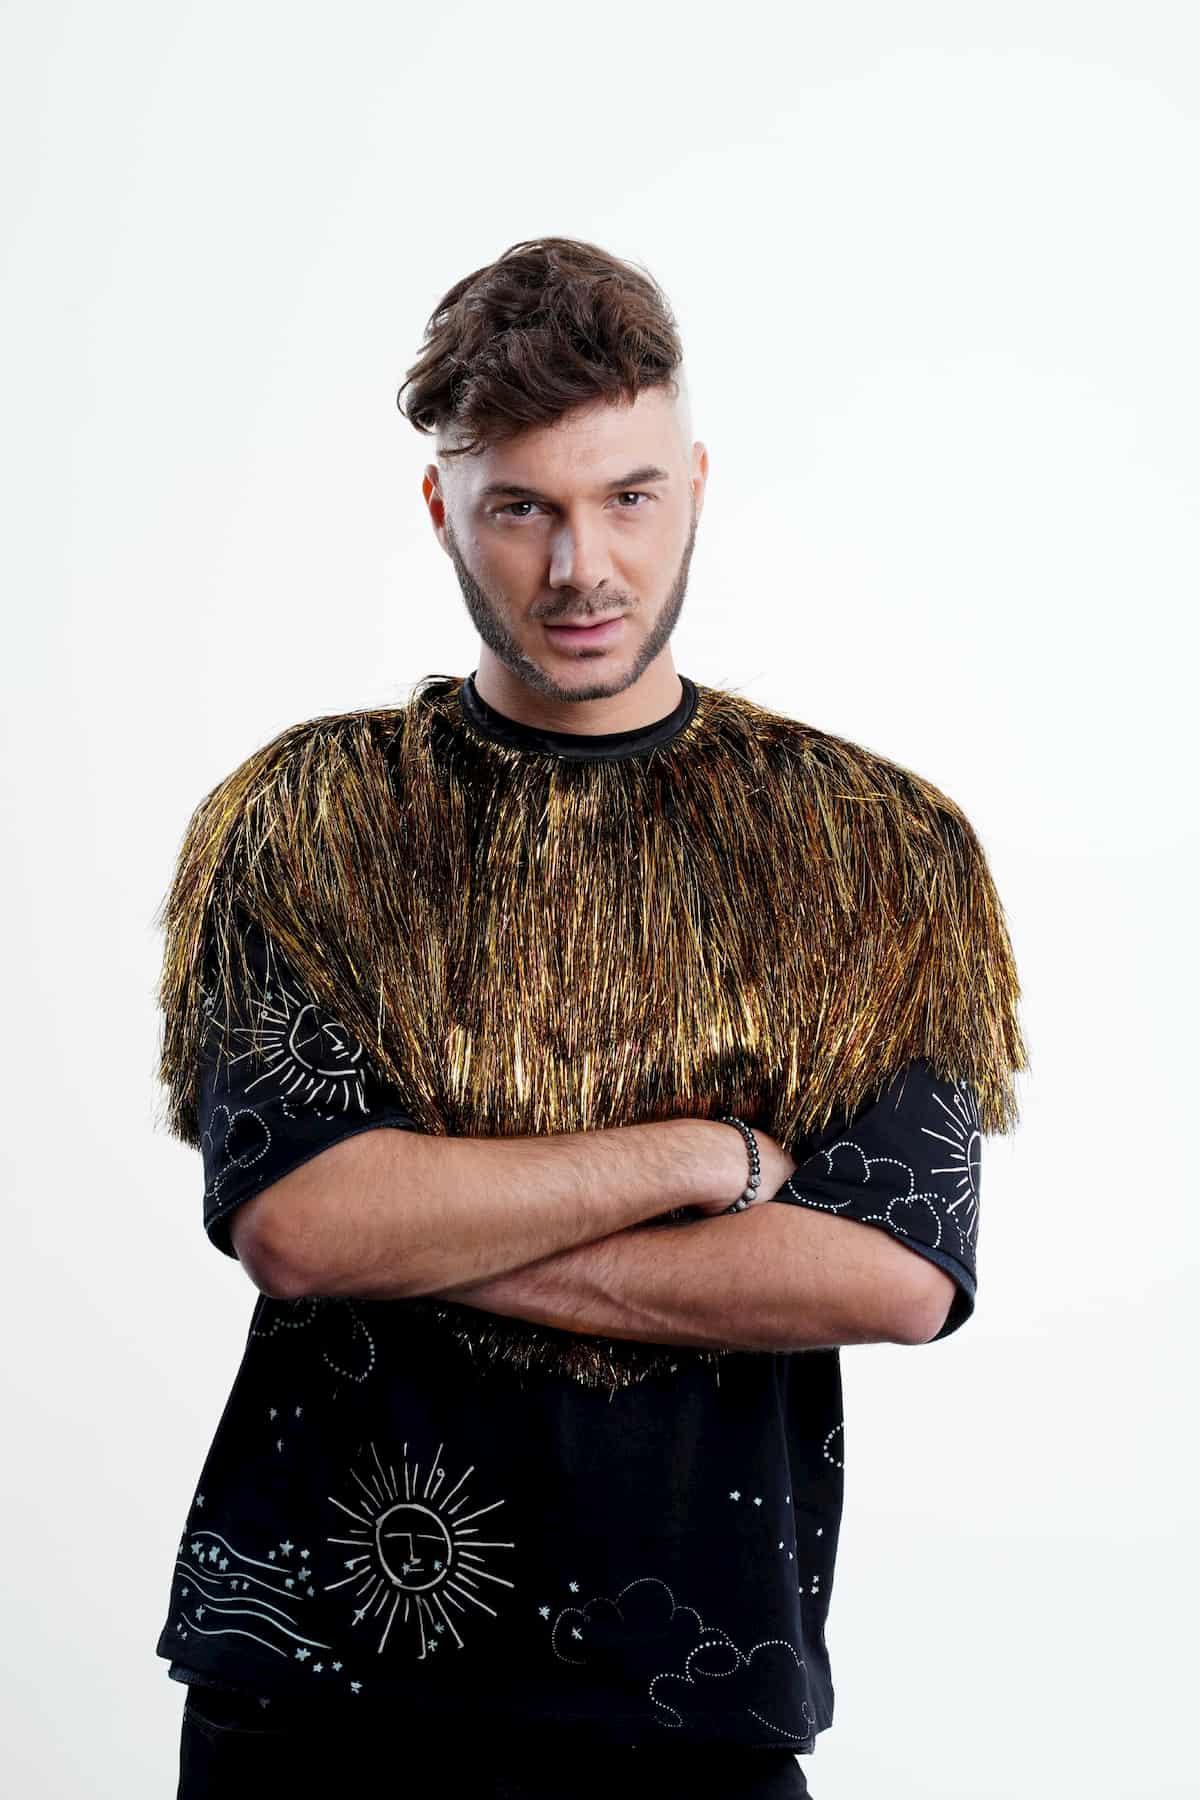 Sam Dylan - Dschungel-Show 2021 Kandidat